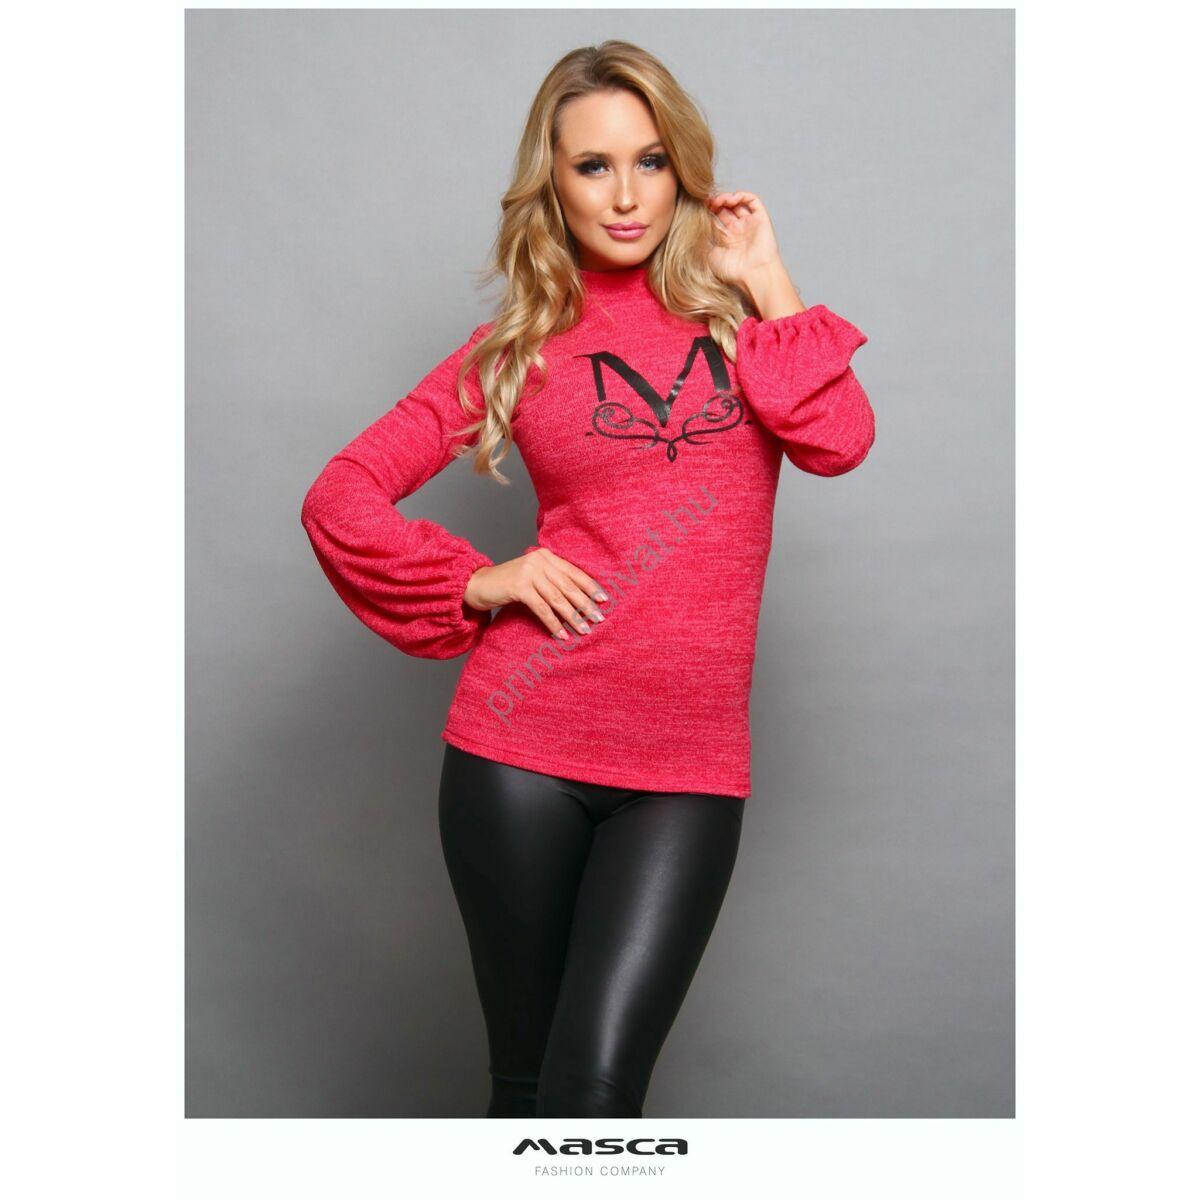 Masca Fashion vékony kötött pink-melange, buggyos hosszú ujjú, állónyakú felső, pulóver